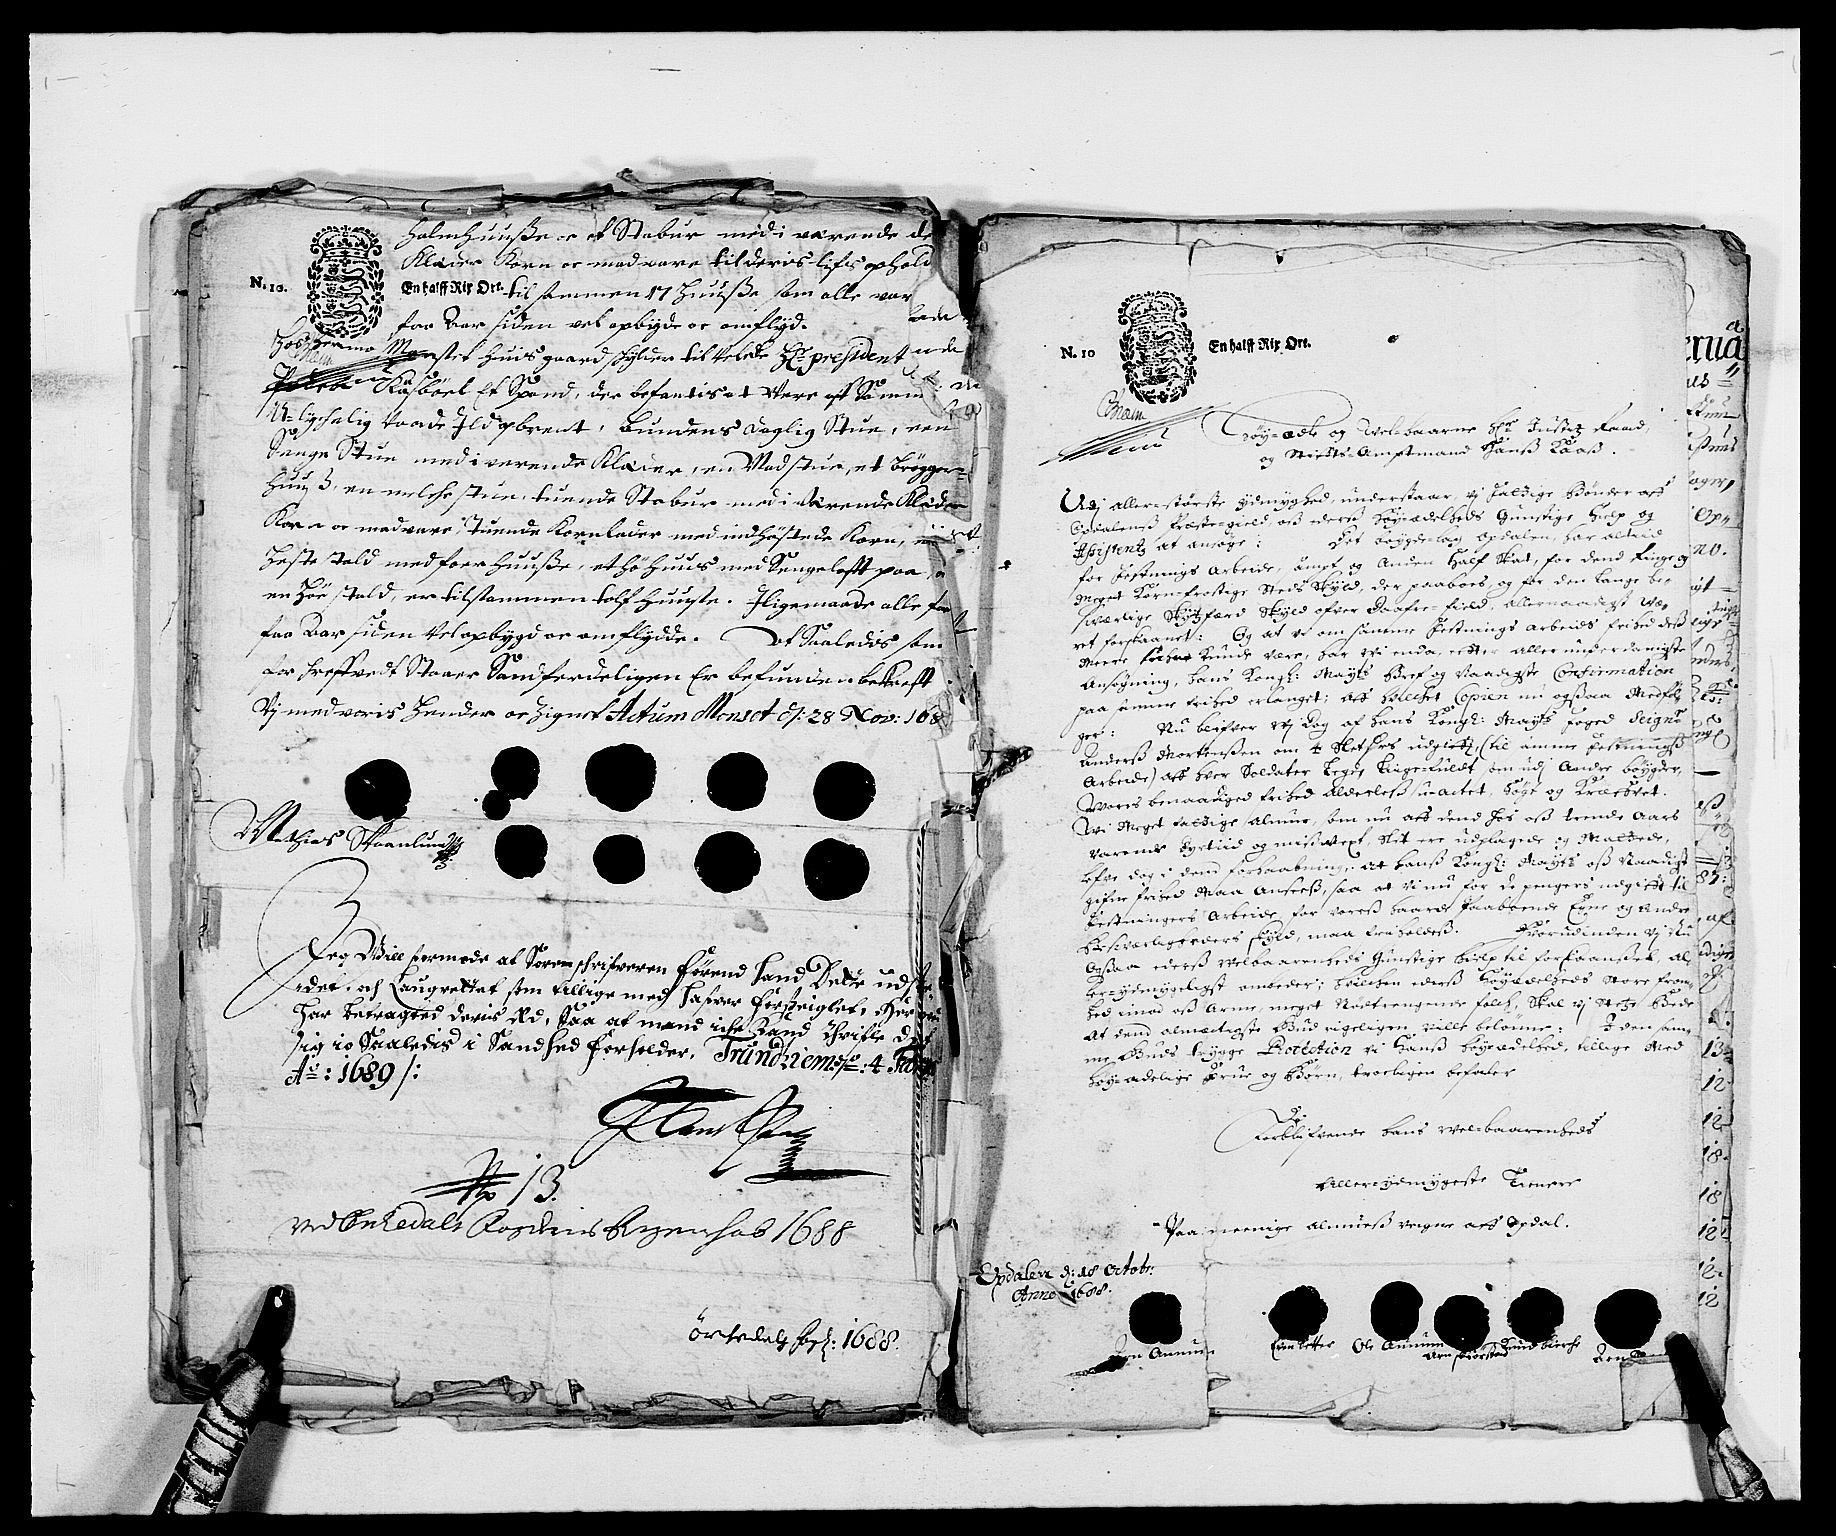 RA, Rentekammeret inntil 1814, Reviderte regnskaper, Fogderegnskap, R58/L3935: Fogderegnskap Orkdal, 1687-1688, s. 386